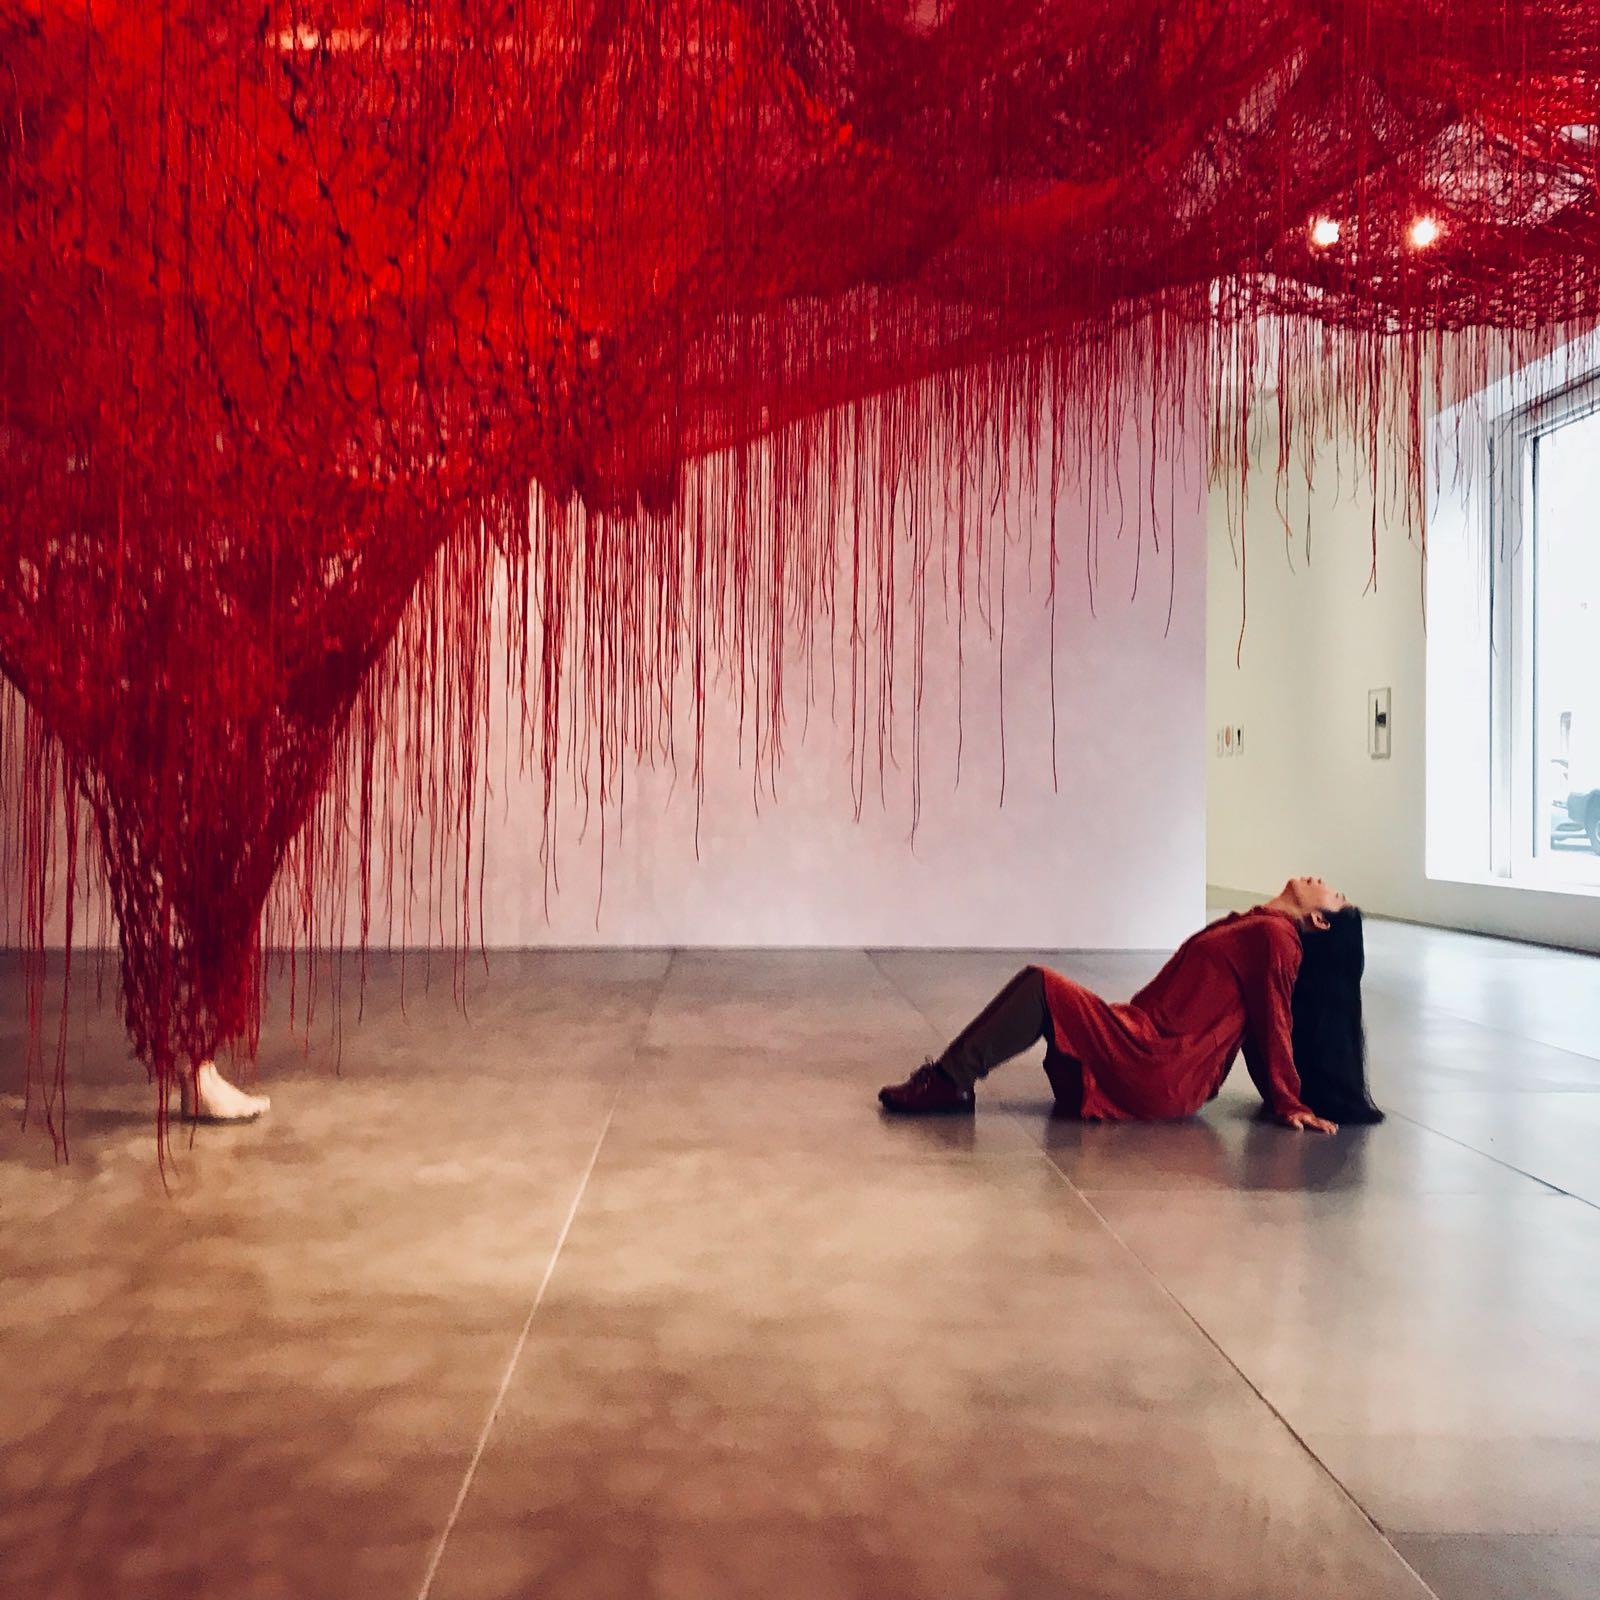 Chiharu Shiota-The art blackberry 1